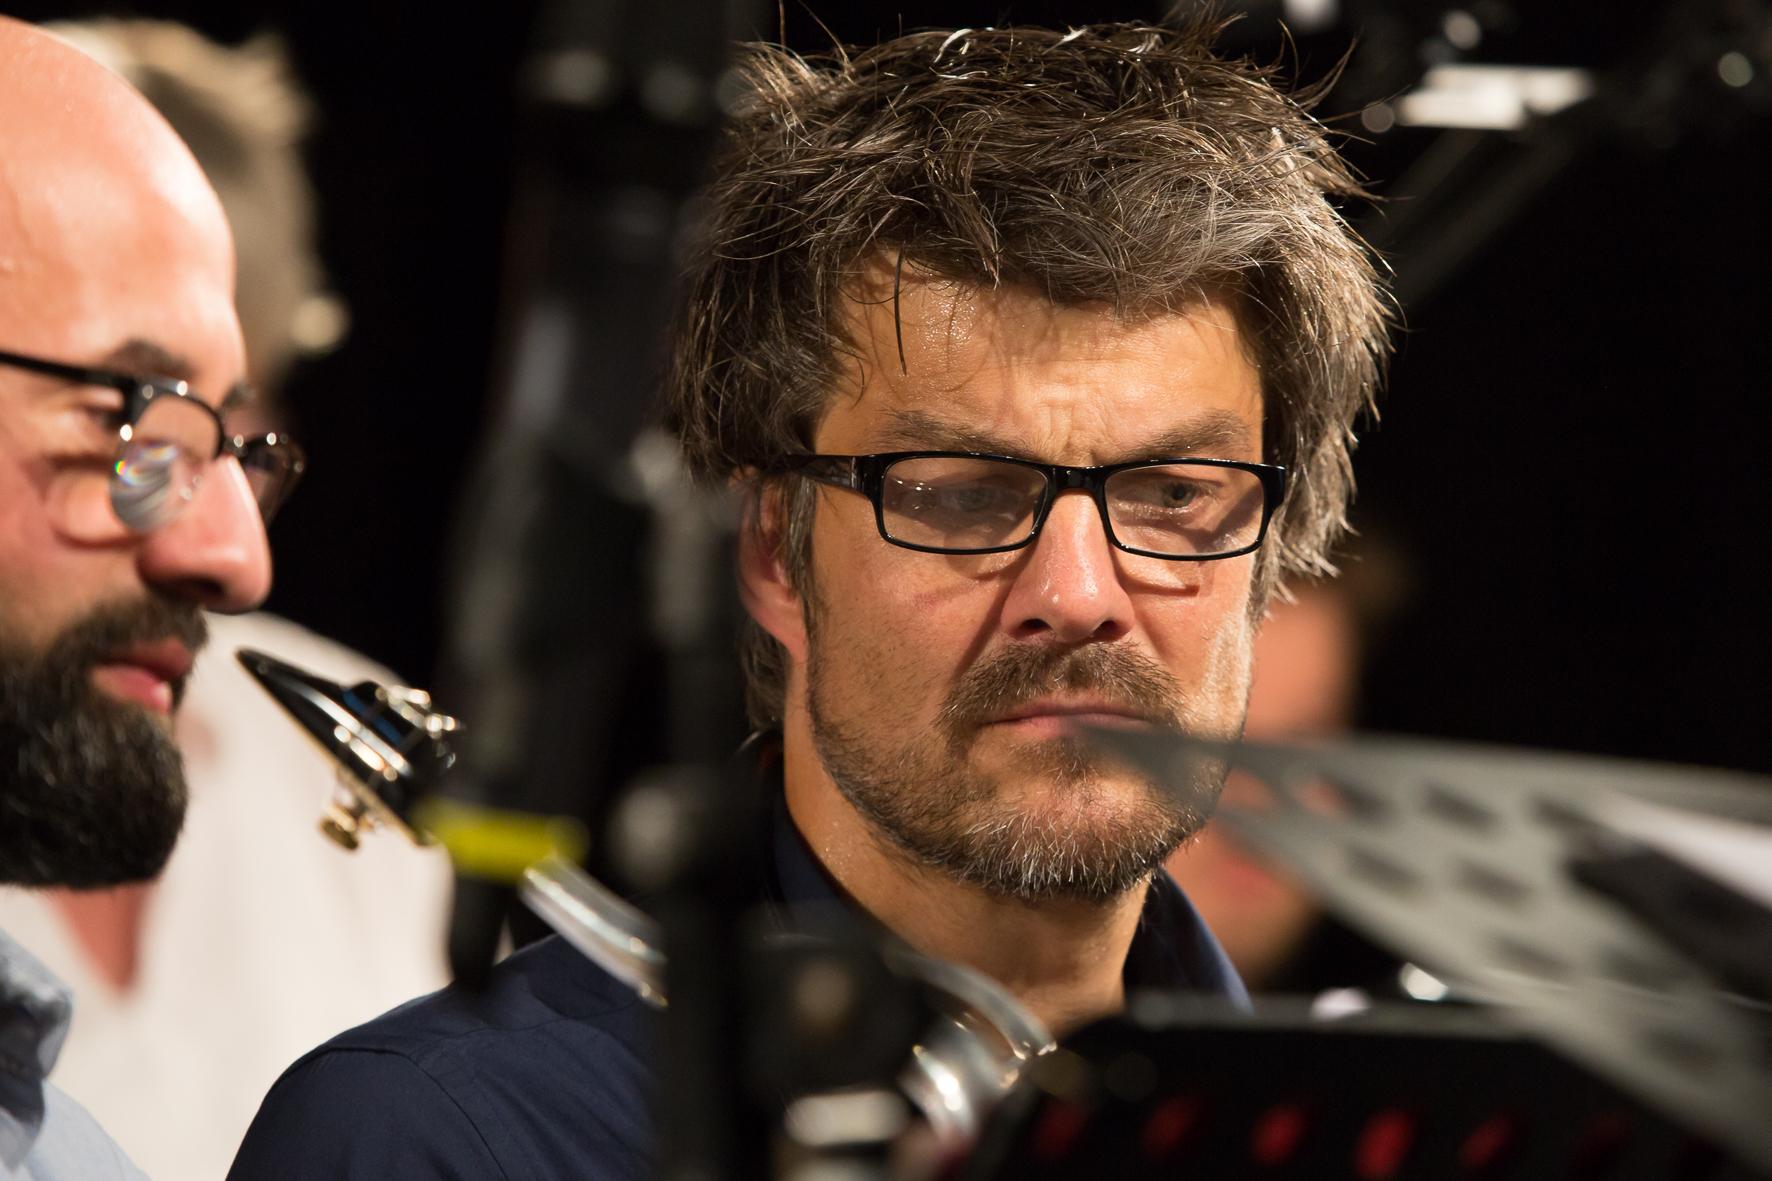 Lars störmer, Saxophon, Flöte und Bassklarinette